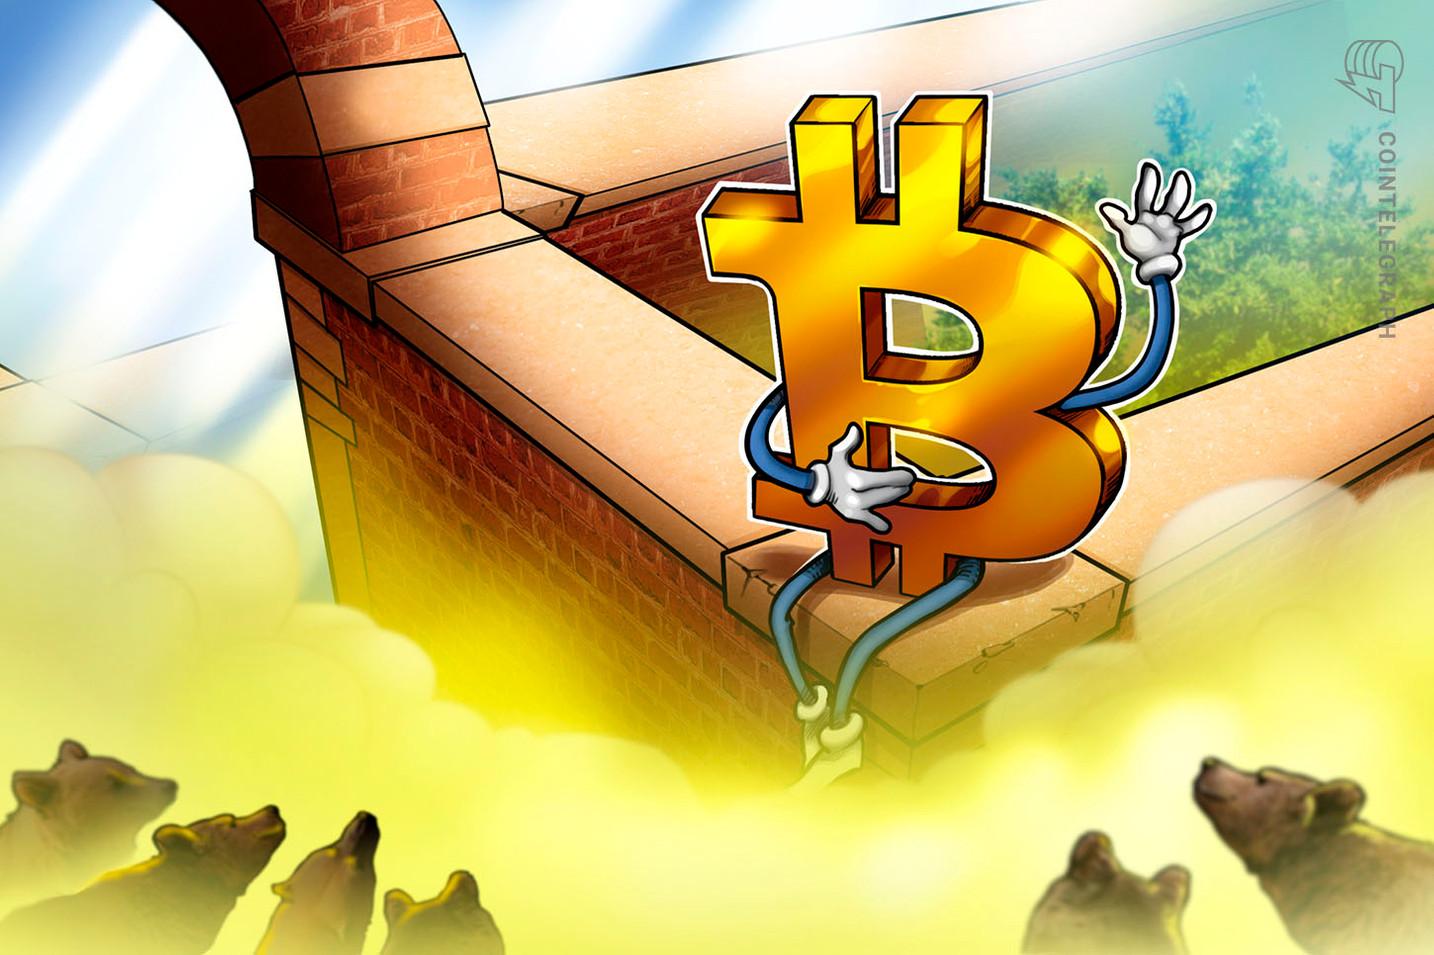 Alerta bajista para el precio de Bitcoin: Mt Gox podría liberar 140,000 BTC al mercado por primera vez